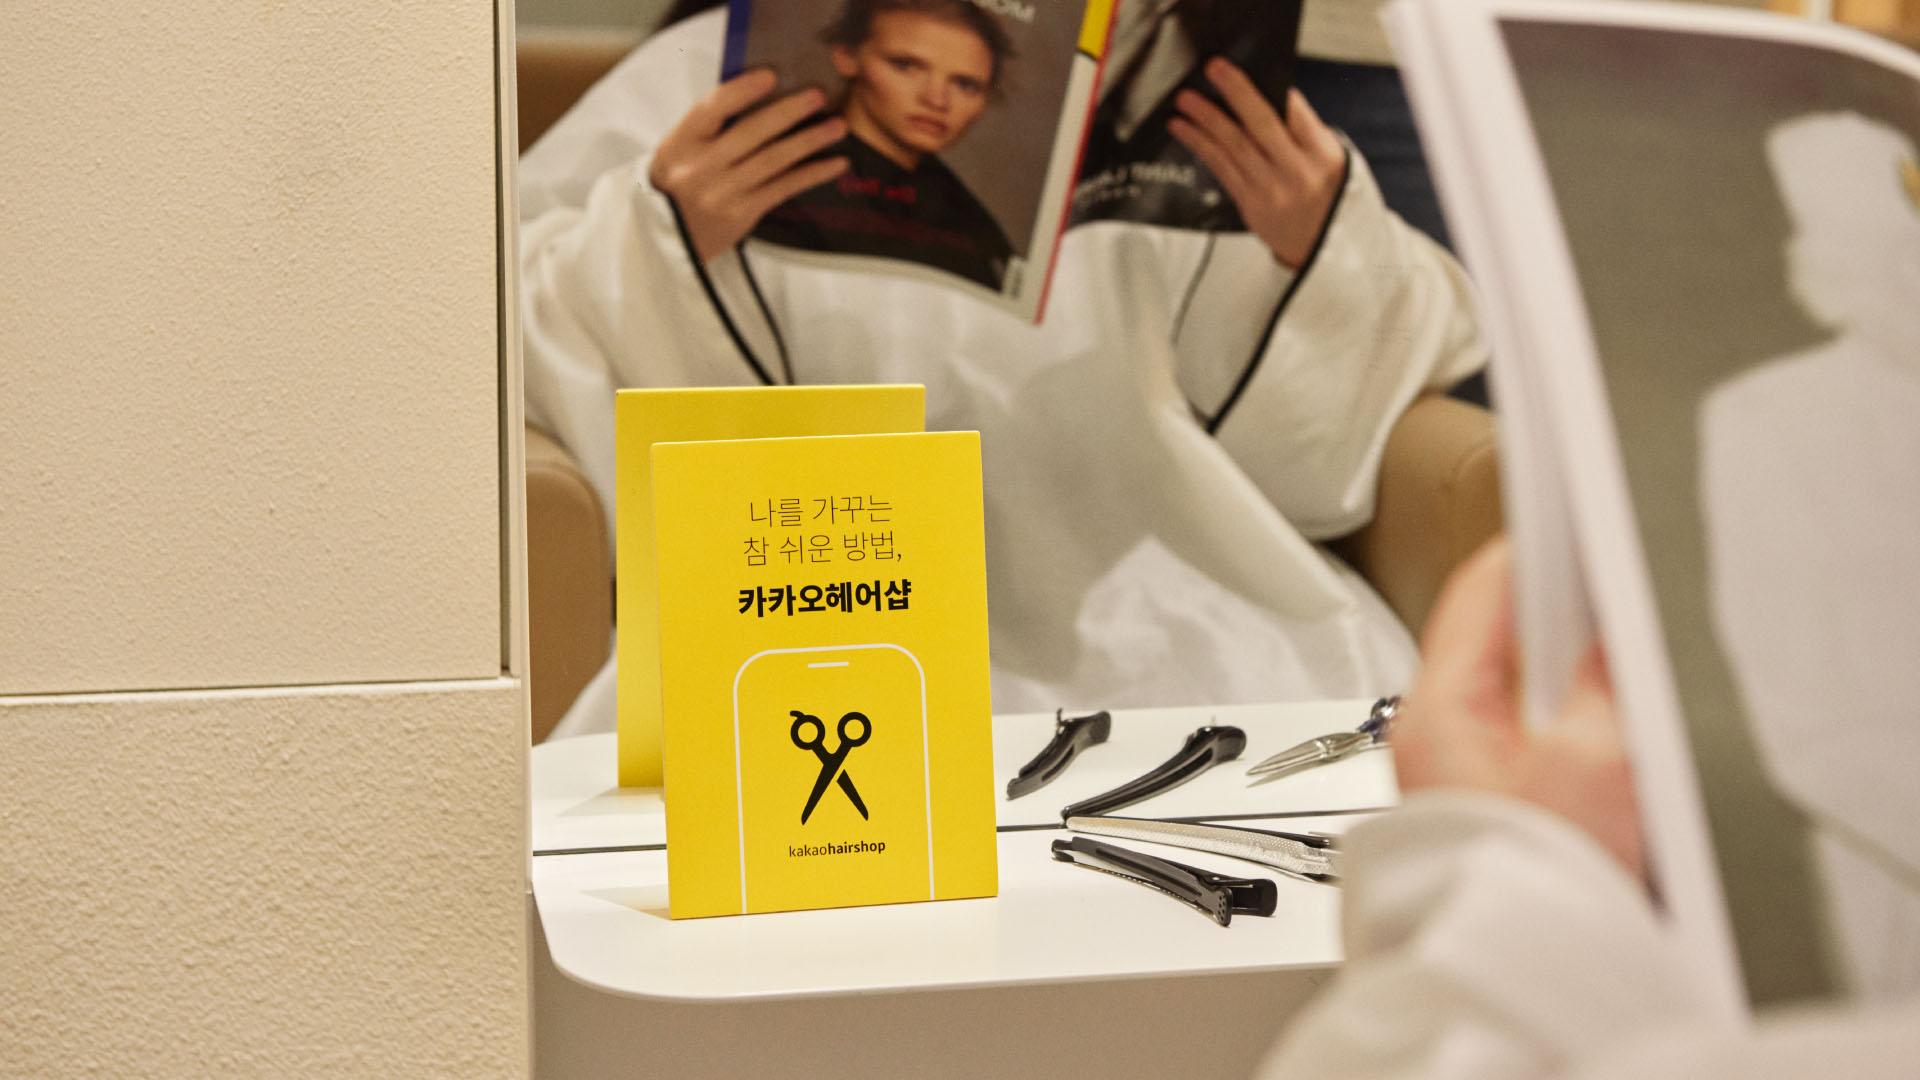 미용실에서 잡지를 읽으며 머리시술을 받고 있는 고객과 카카오헤어샵 제휴 홍보물이 함께 있는 사진